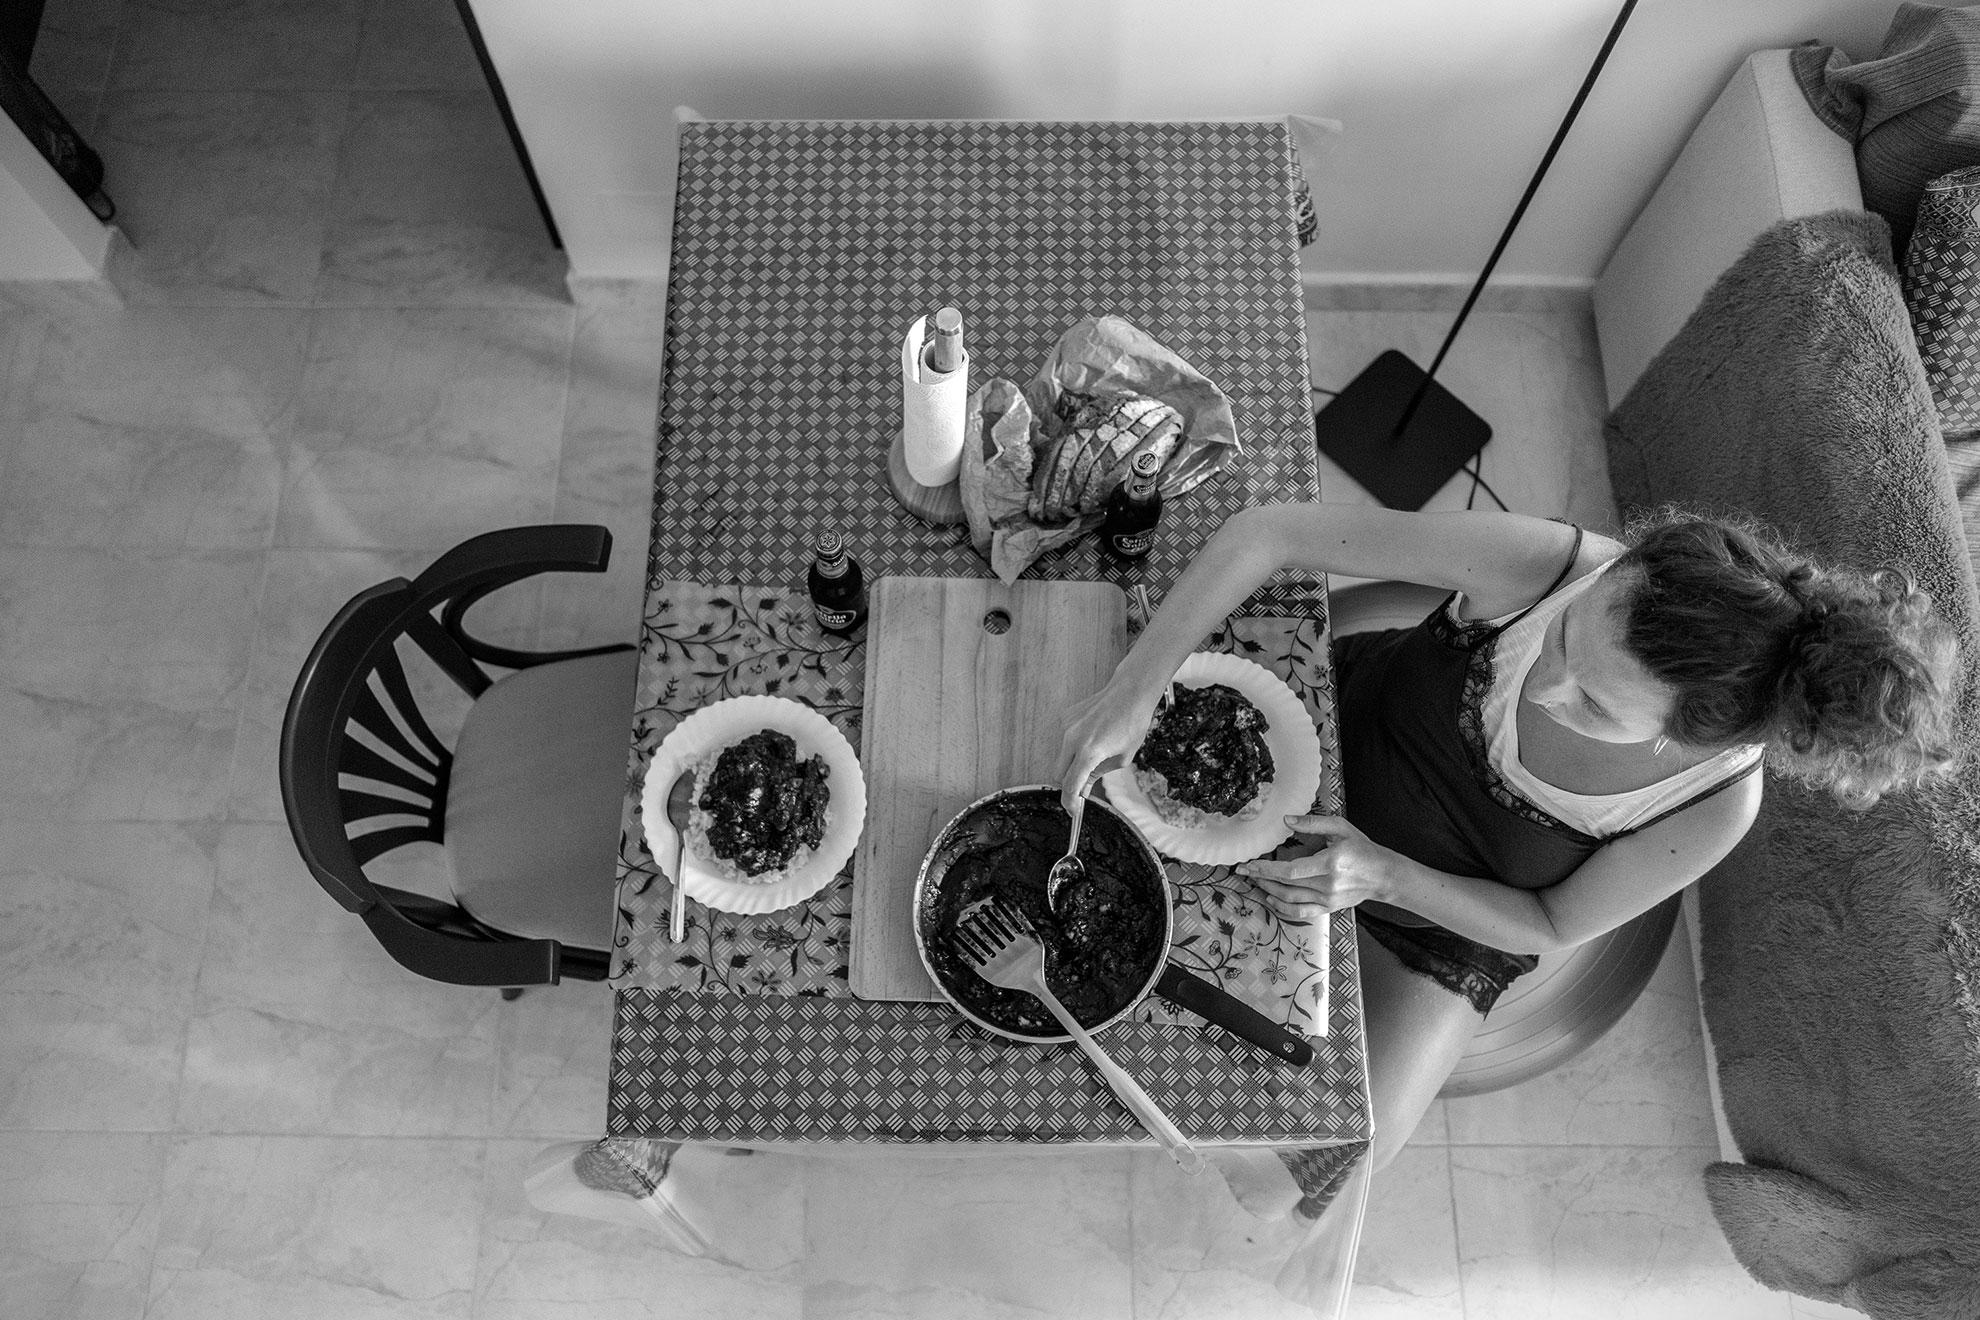 Algo positivo que saco del confinamiento es el propio cambio de ritmo de nuestras vidas. Una velocidad más pausada que, imagino, en ciudades frenéticas como Madrid, el cambio es más notorio. Y te ves un lunes cualquiera preparando una comida más especial o laboriosa, acompañada por su correspondiente sobremesa y cabezadita en el sofá. No perdamos las buenas costumbres.